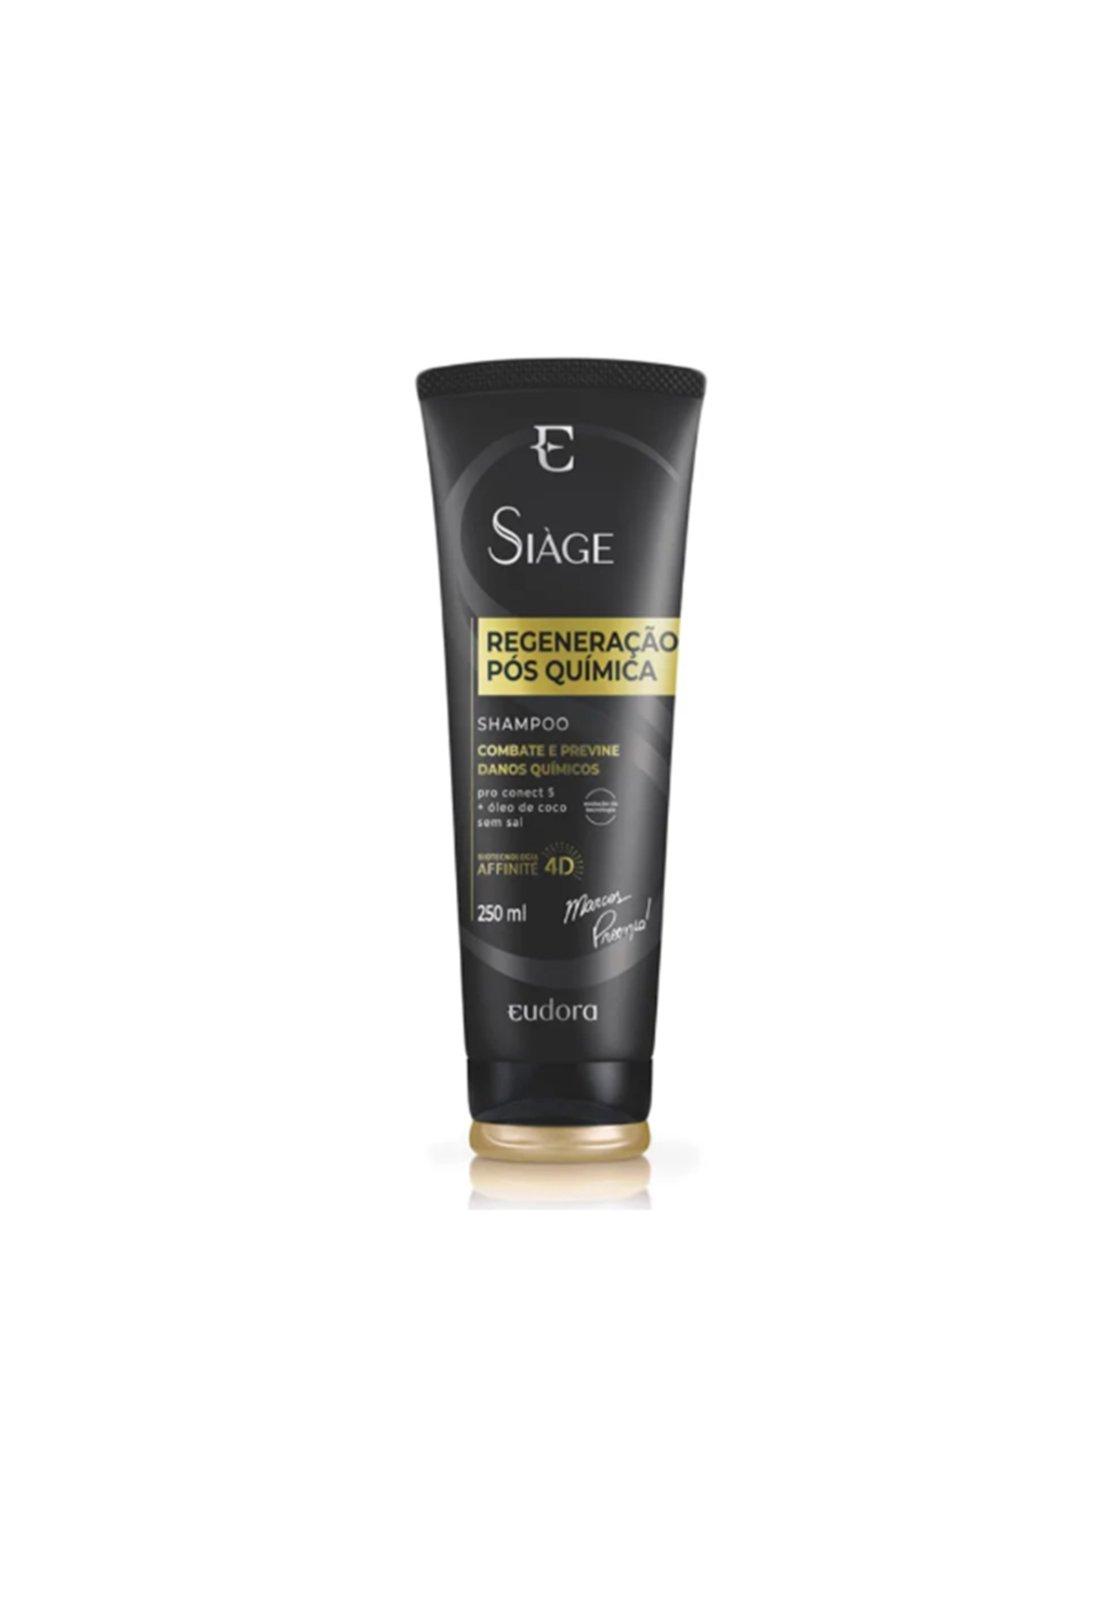 Shampoo Regeneração Pós Química - Siàge